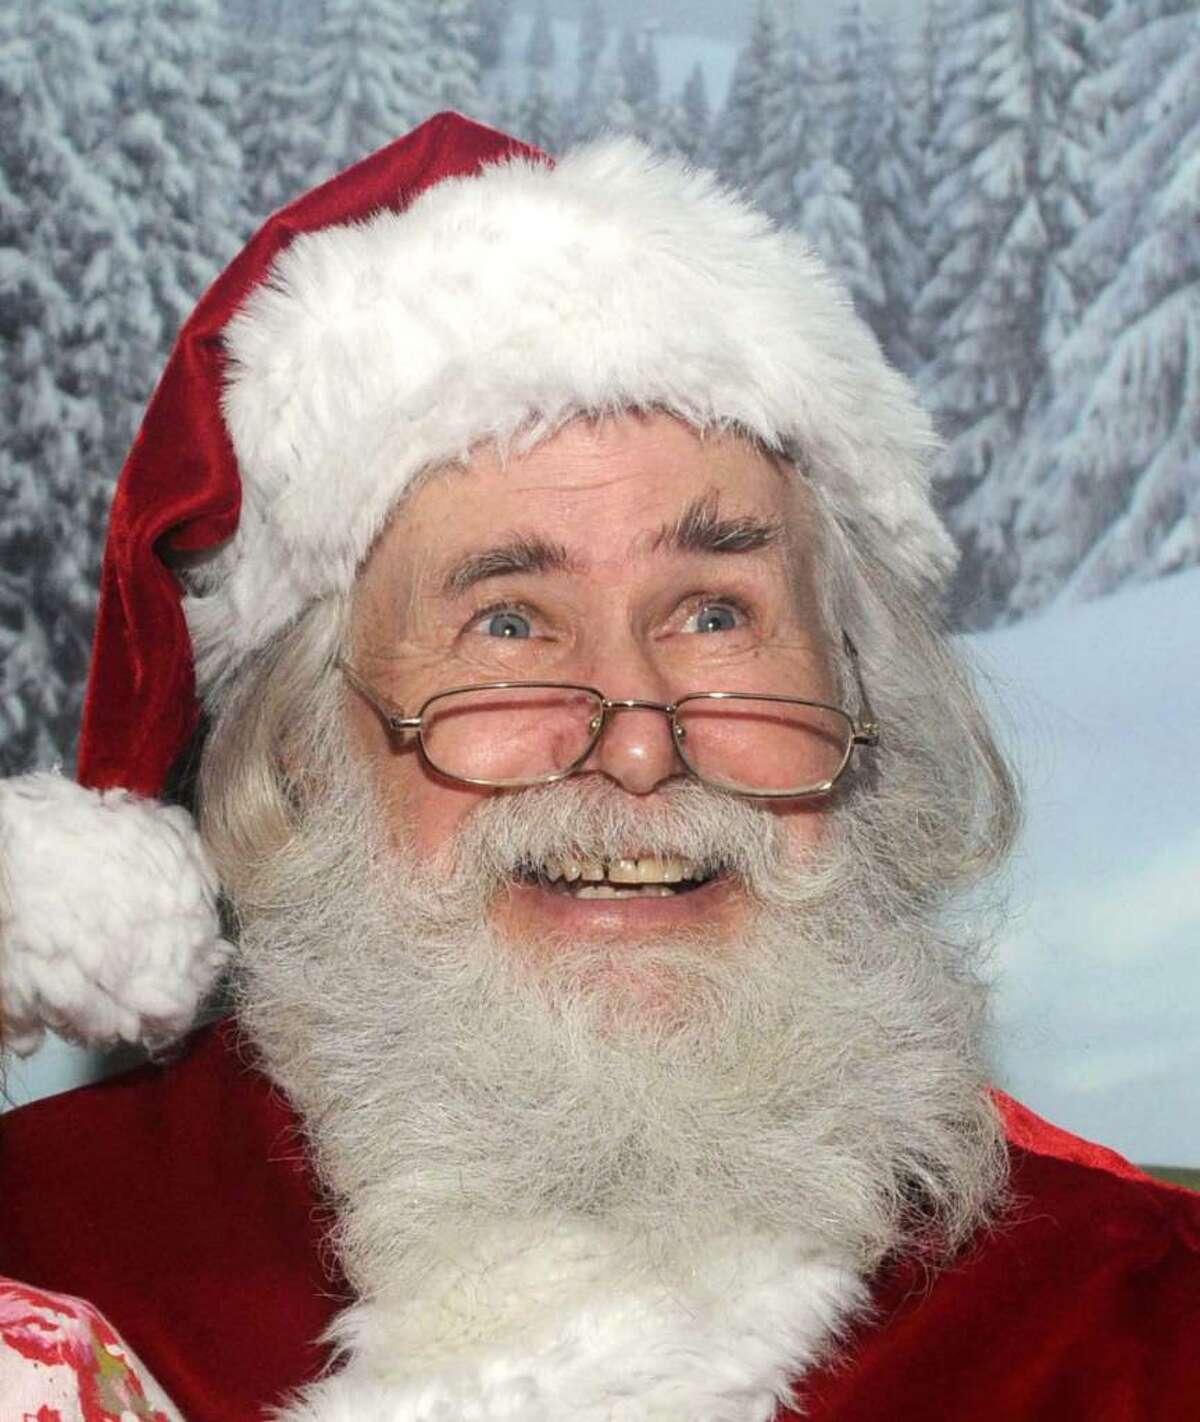 Santa Claus at the Danbury Fair Mall on Thursday Dec. 3, 2009.